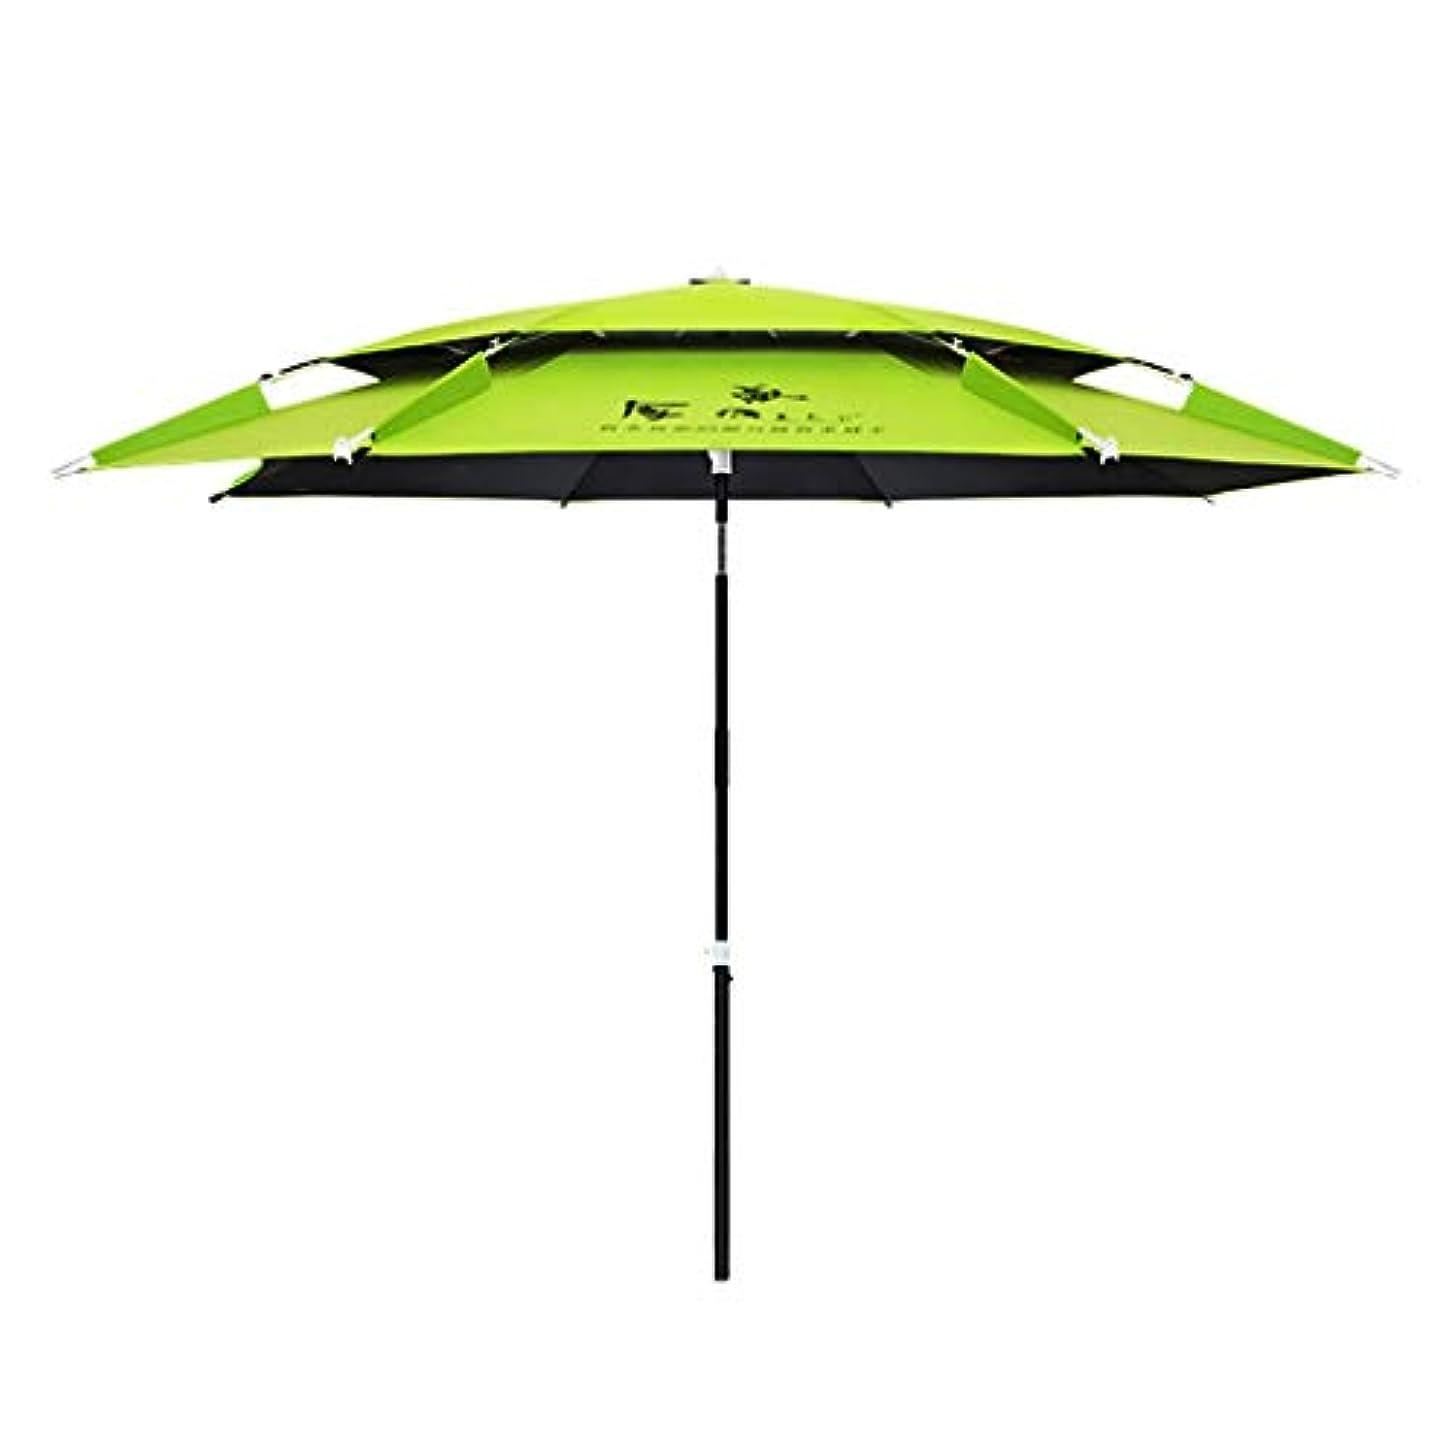 コーチ地殻本土太陽傘アルミ合金黒ガム布日焼け止め雨折りたたみ傘屋外サンシェード傘 (Size : H2.2m)